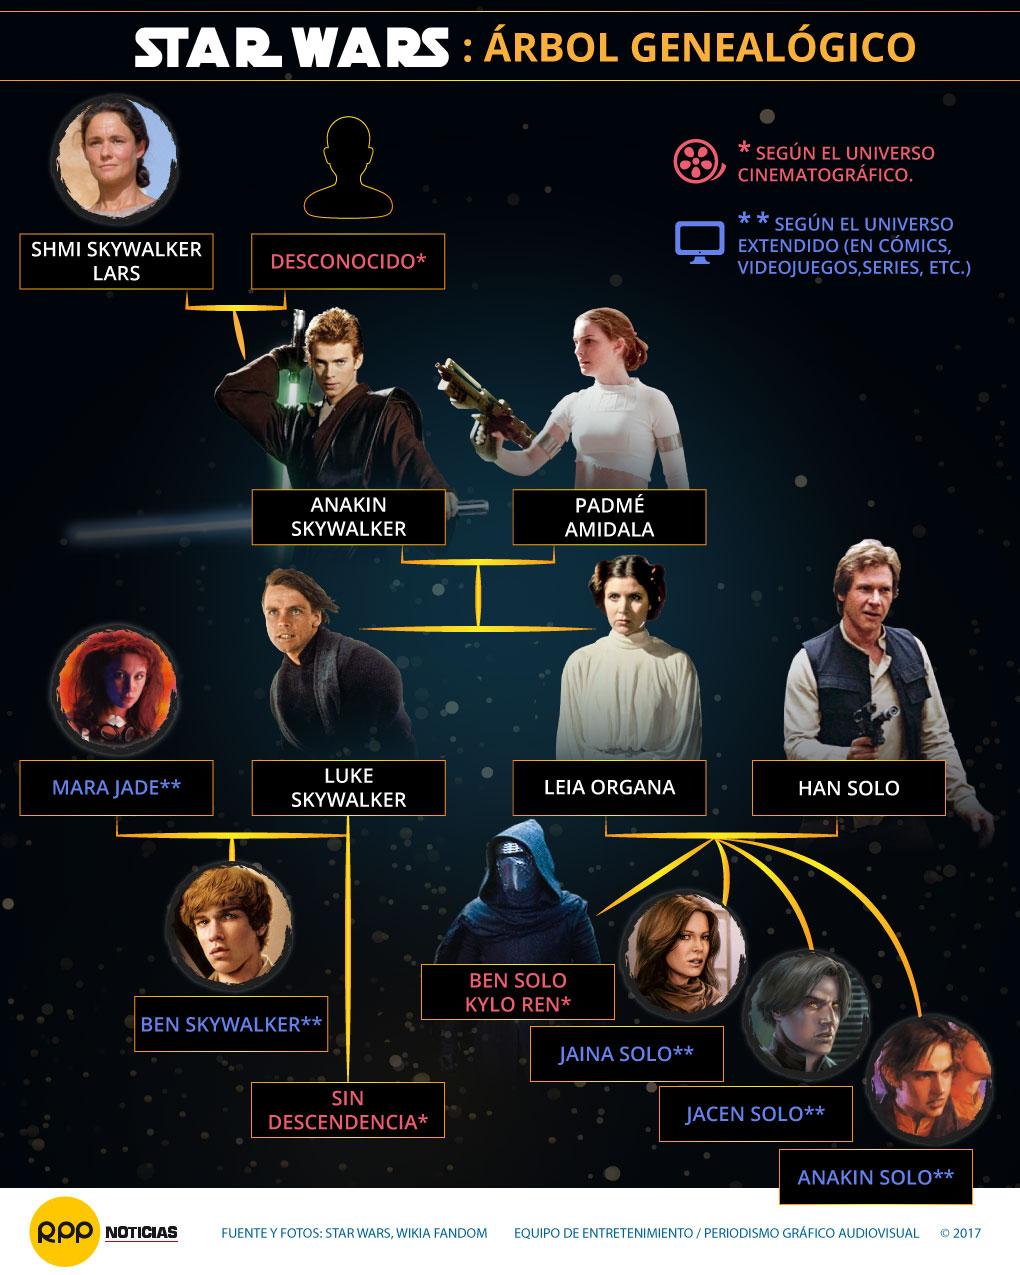 Star Wars árbol genealógico 2017